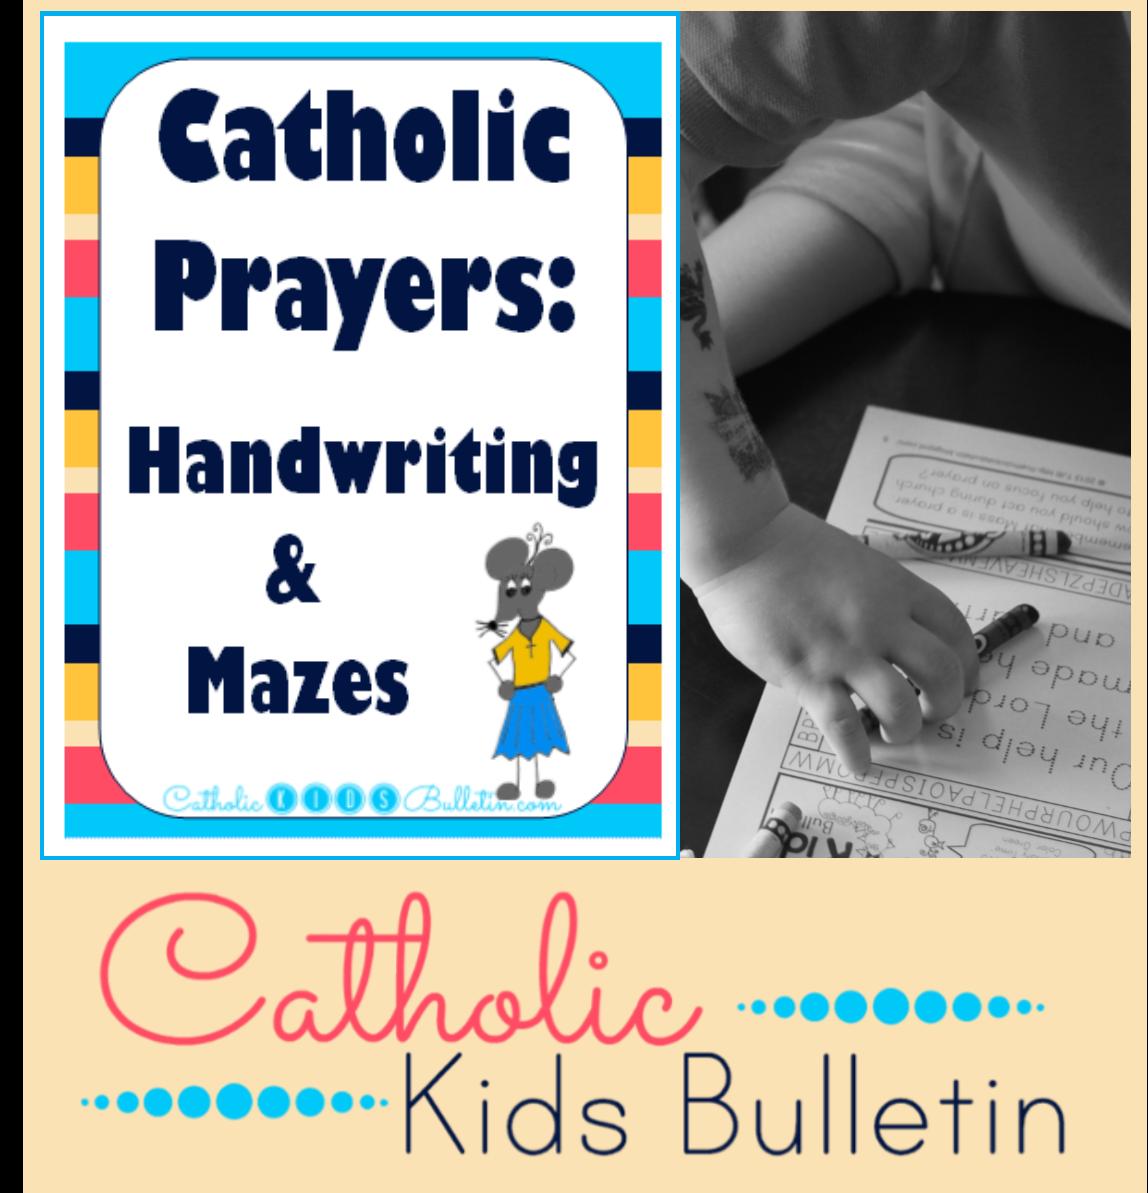 Catholic Kids Updates From Catholic Kids Bulletin Seven